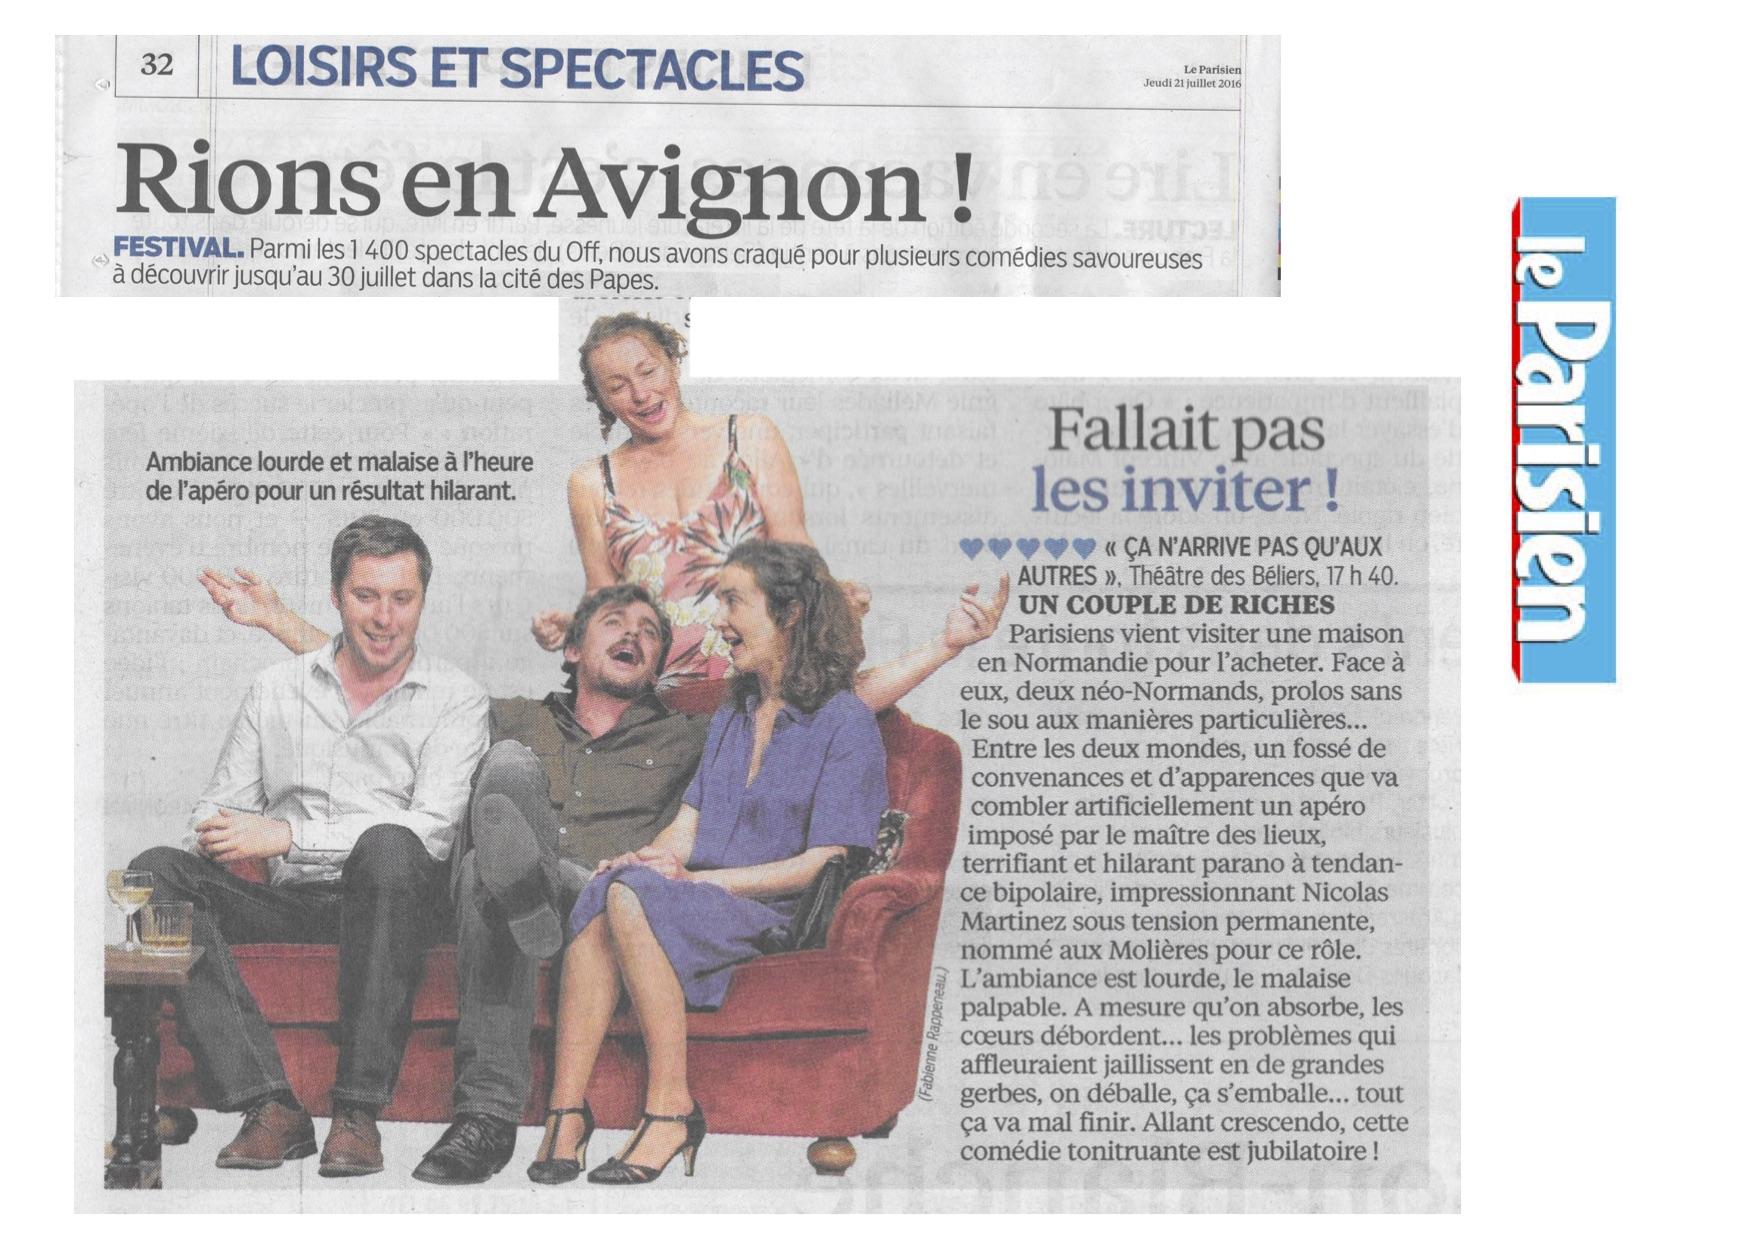 Le Parisien 21.07.16